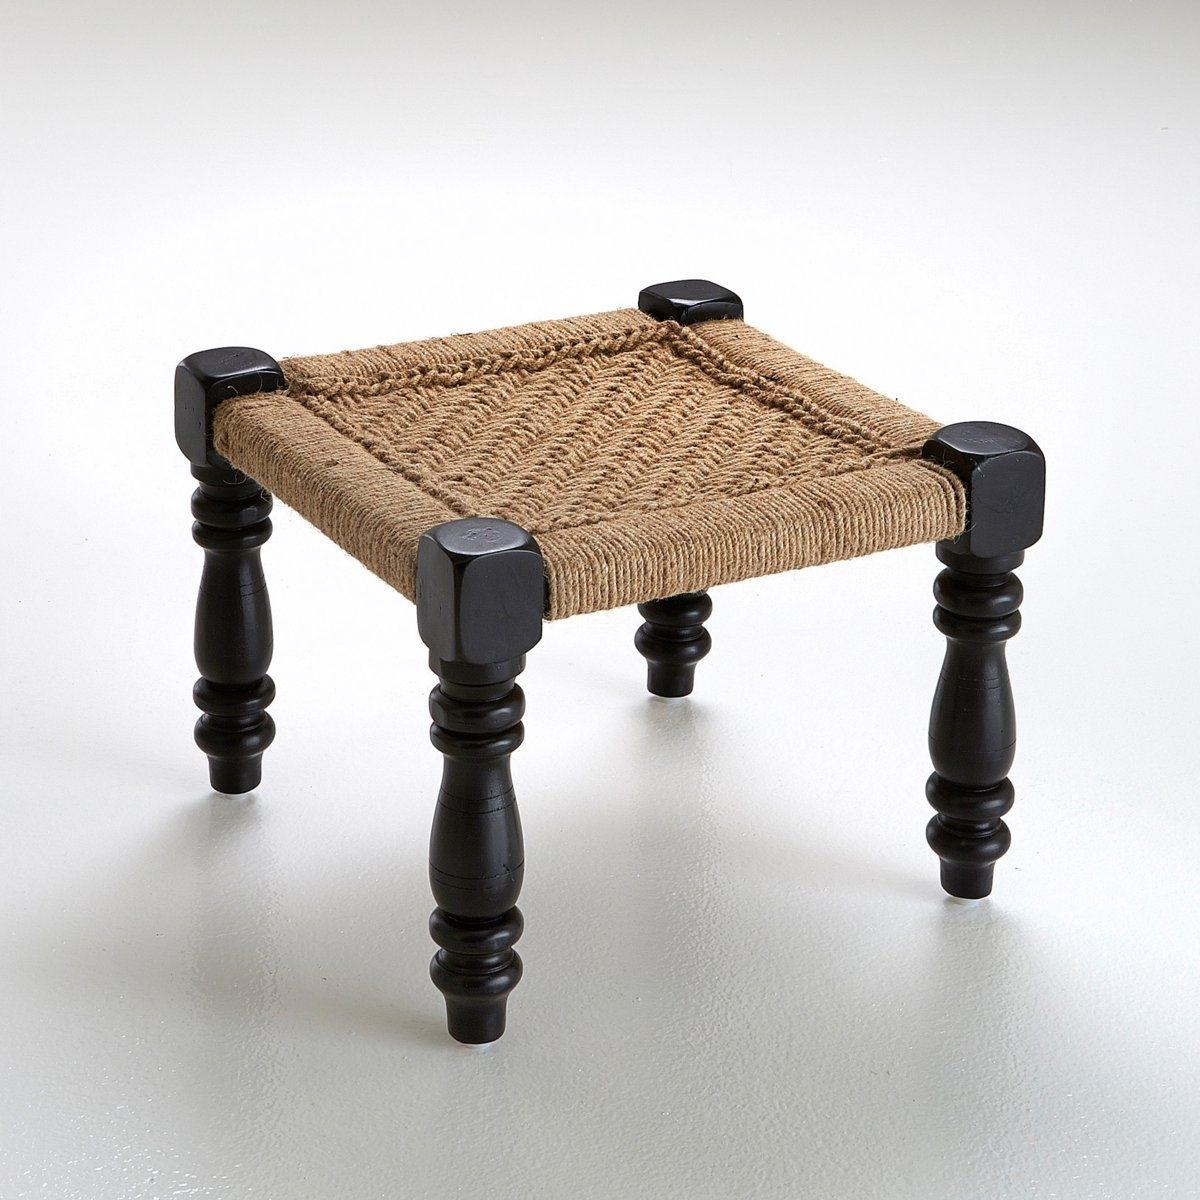 Табурет в индийском стиле, AdasТабурет в индийском стиле, Adas, из дерева и бечевки. Массивный и прочный, табурет Adas внушает ощущение силы и устойчивости: сиденье из натуральной и очень прочной  бечевки, ножки из древесины мангового дерева. Сделано в Индии.Описание табурета в индийском стиле, Adas:Ножки с лепным орнаментомЦвет черный/экрю.                                                                                                             Характеристики табурета в индийском стиле, Adas:Ножки из древесины мангового дерева с покрытием матовой краской.Сиденье из плетеной бечевки.                                                                                                                                                                                                                          Другие предметы мебели и декора из коллекции Adas на сайте laredoute. ru                                                      Размеры табурета в индийском стиле, Adas :Ширина: 30 см.Высота: 30 см.Глубина: 30 см.<br><br>Цвет: серо-бежевый